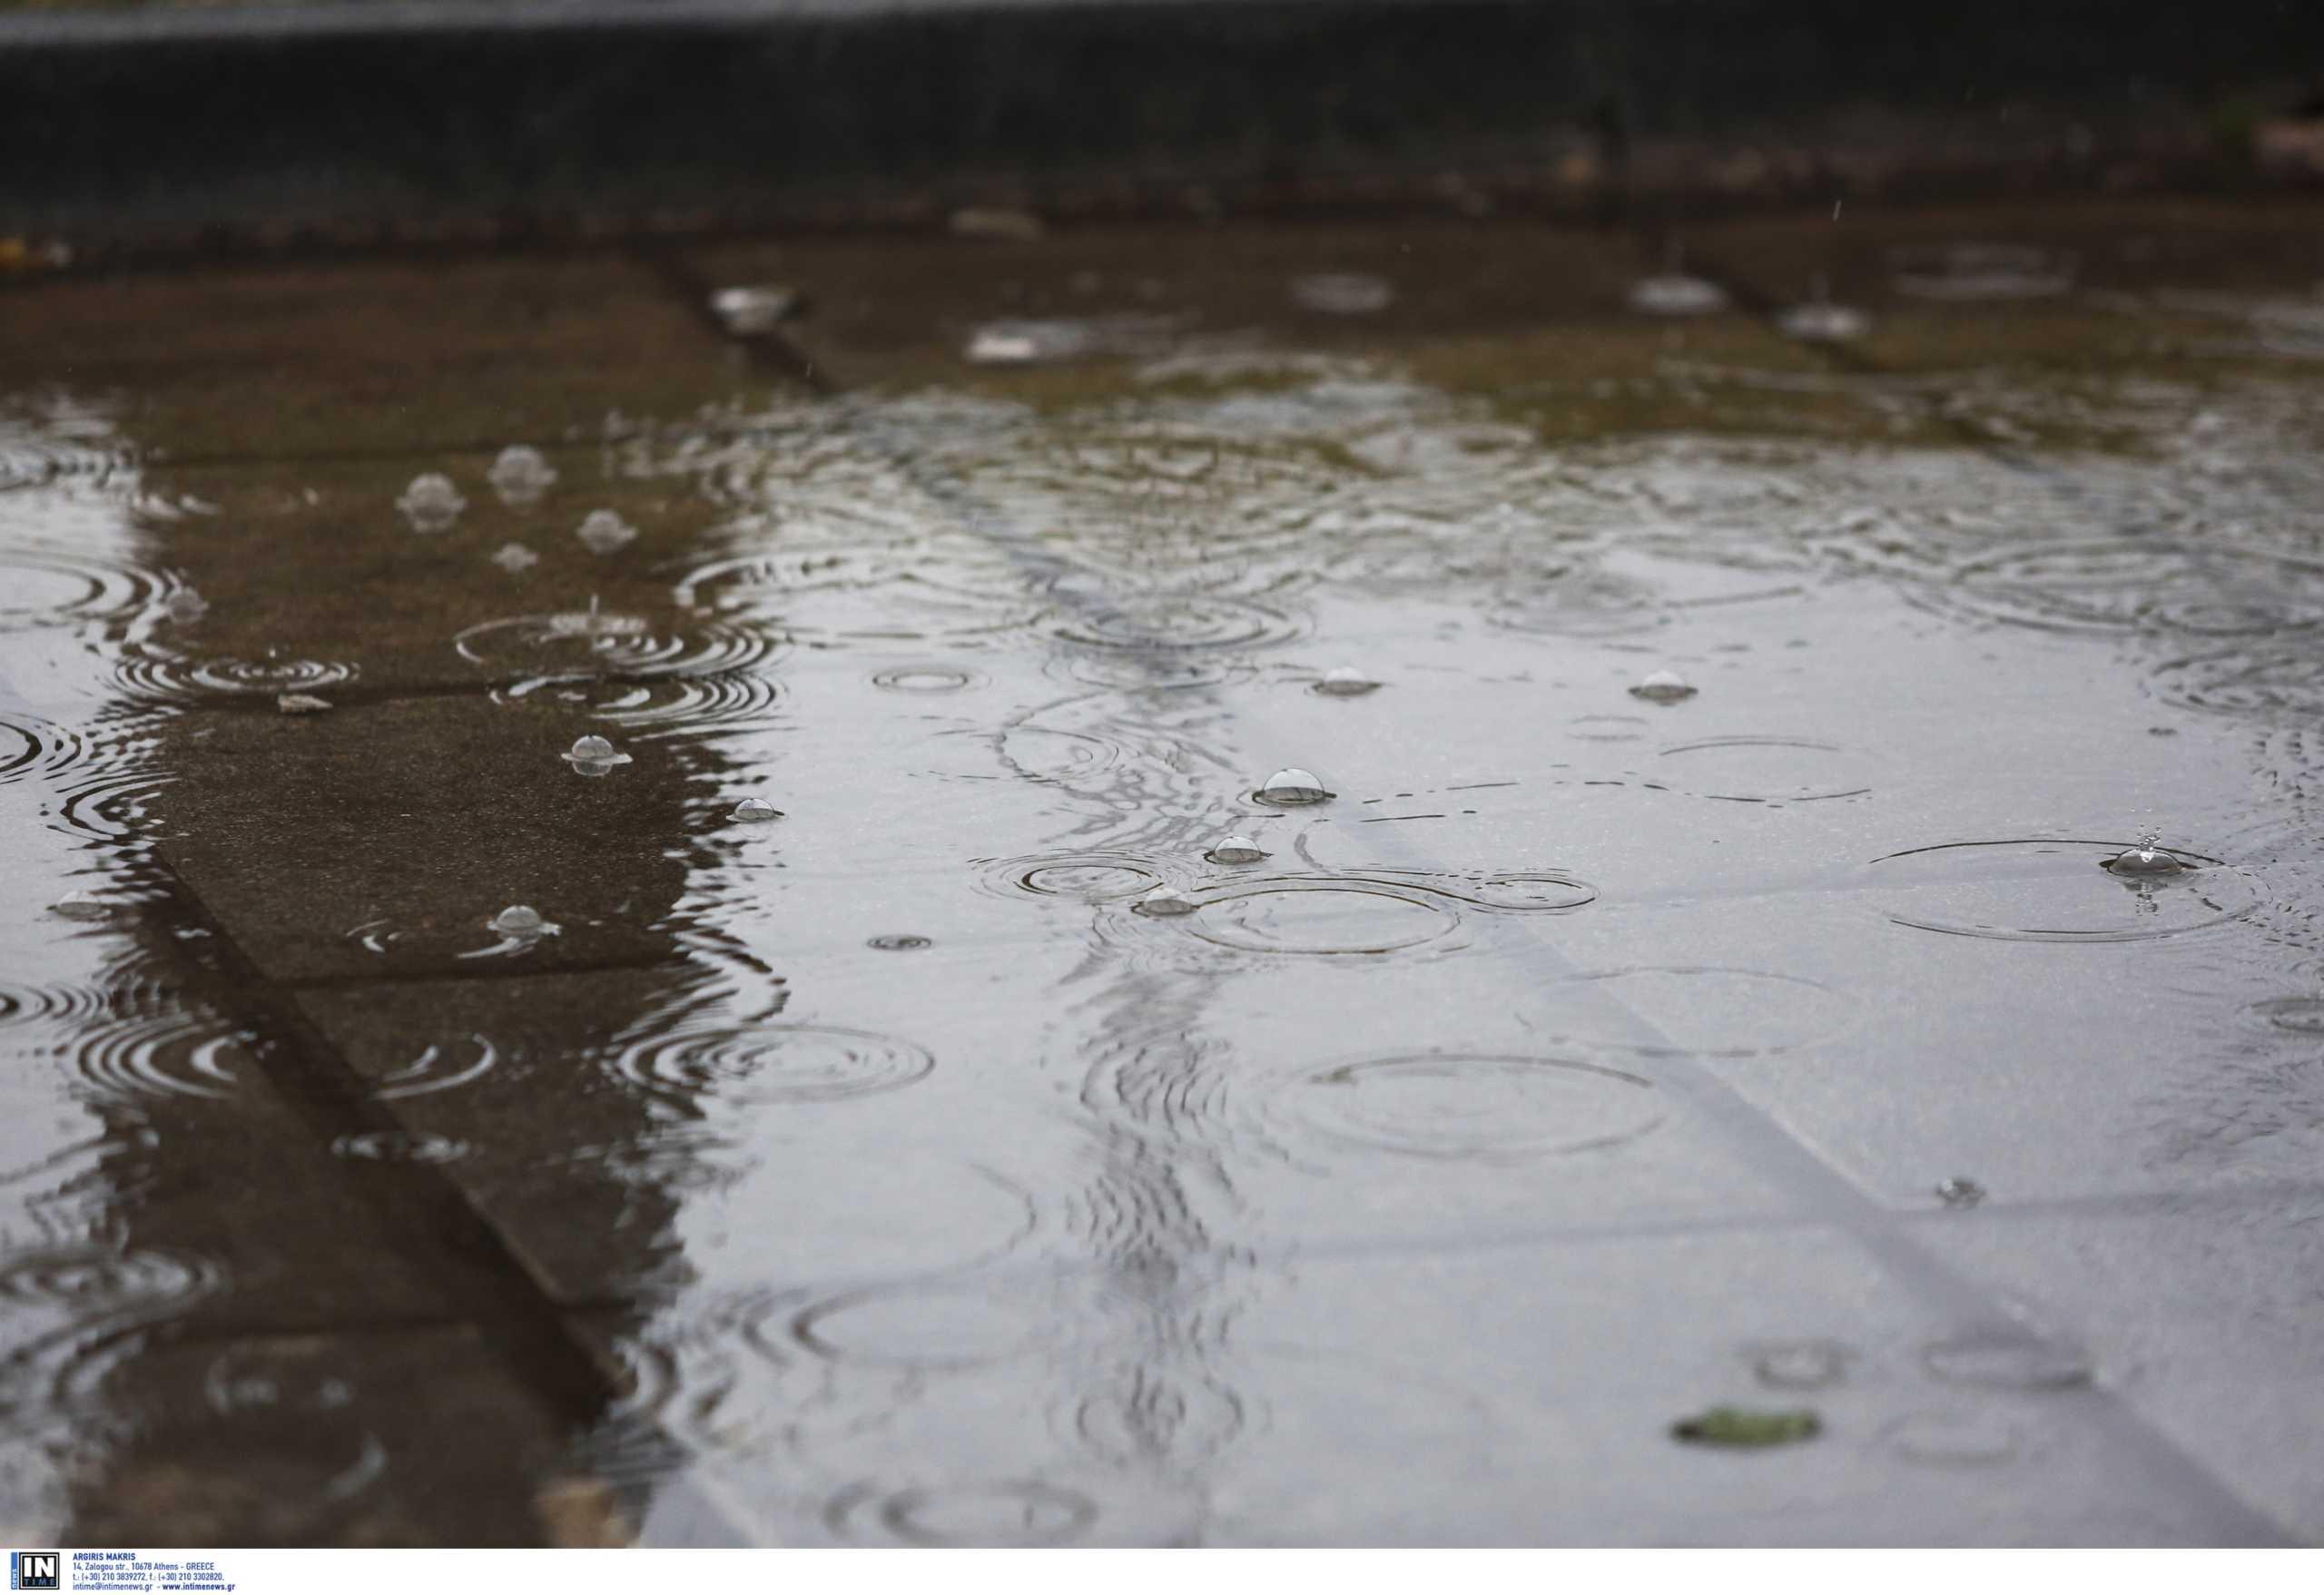 Καιρός αύριο: Χειμωνιάτικος με βροχές και καταιγίδες